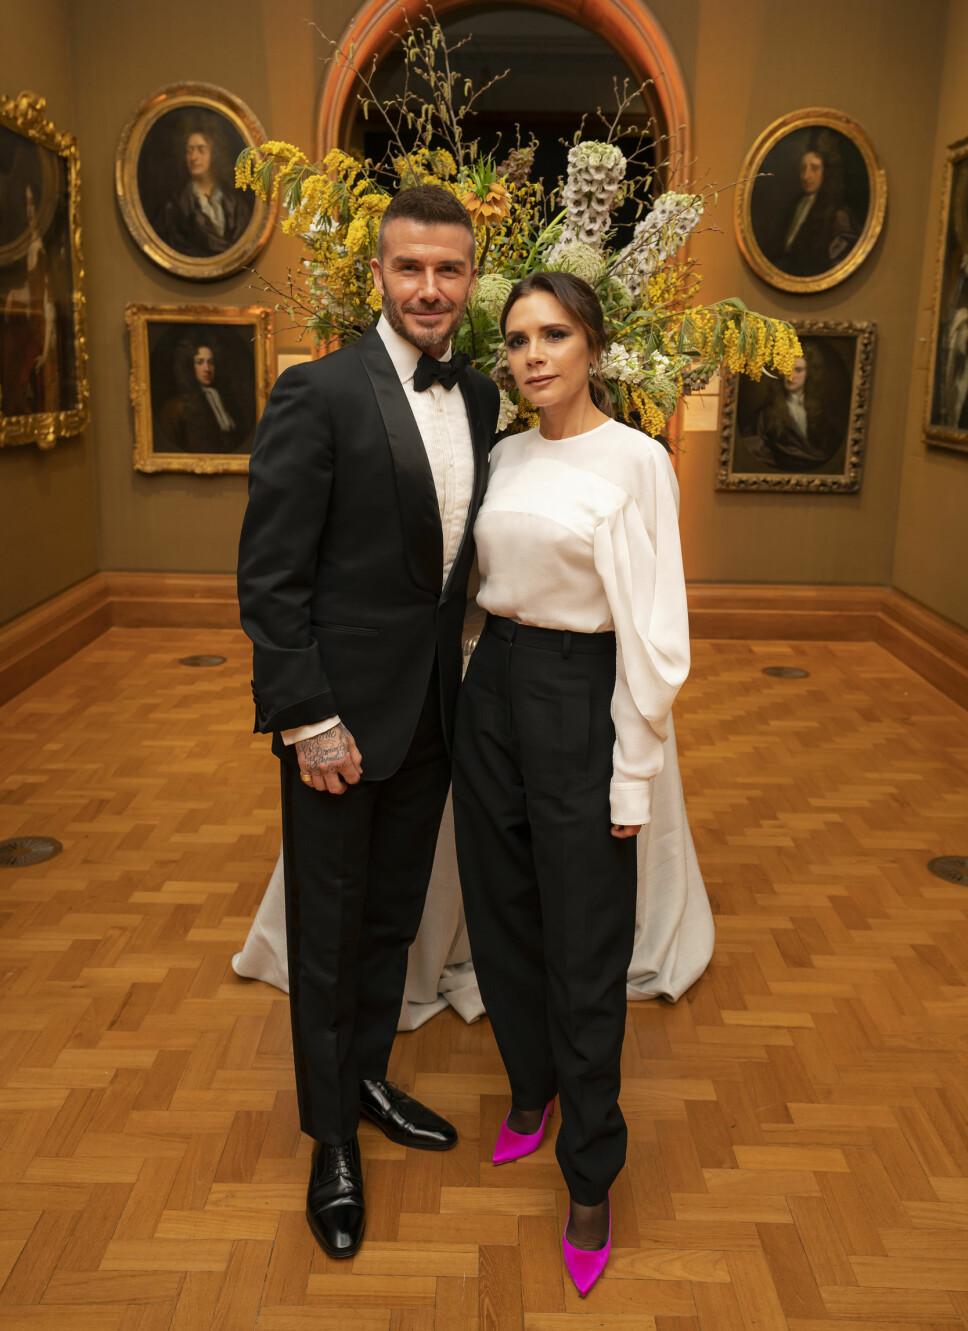 HOLDER SAMMEN:  David og Victoria giftet seg i 1999 og er stadig veldig forelsket, til tross for rykter om utroskap og skilsmisse.